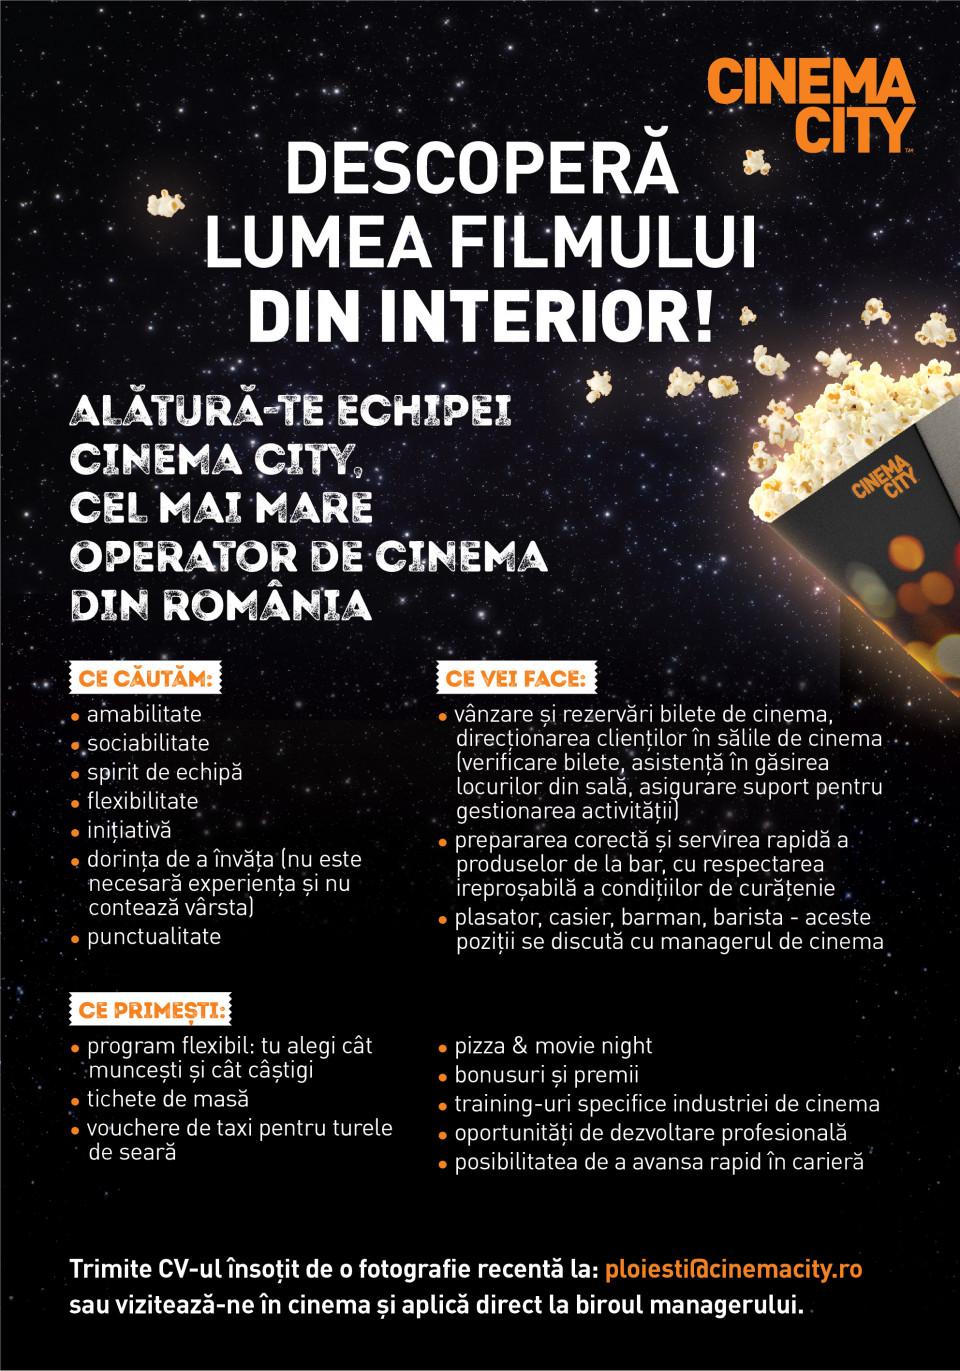 DESCOPERĂ LUMEA FILMULUI DIN INTERIOR!  Alătură-te echipei Cinema City, cel mai mare operator de cinema din România.  Cum ne dorim sa fie noul nostru coleg:  Cu atitudine pozitivă Dornic să învețe (nu este necesară experiența și nu contează vârsta) Punctual Cu bune abilități de comunicare și relaționare Amabil Să îi placă să lucreze în echipă Determinat Cu inițiativă Căutăm colegi care să descopere cu entuziasm lumea filmului din interior pentru următoarele roluri  Barman / Barista / Casier / Plasator  În funcție de rolul potrivit pentru tine, responsabilitățile generale ar putea fi:  - vânzarea de bilete și rezervări bilete de cinema, direcționarea clienților în cinema (verificare bilete, asistență în găsirea locurilor din sală, asigurare suport pentru gestionarea activității);  - preparea corectă și servirea rapidă a produselor de la bar sau cafenea, cu respectarea ireproșabilă a condițiilor de curățenie;  - întâmpinarea clienților și oferirea informațiilor corecte despre produsele noastre;  Barman / Barista / Casier / Plasator – aceste poziții se discută în cadrul interviului.  Ce îți garantăm:  - Program flexibil (tu alegi cât muncești și cât câștigi) - Tichete de masa - Pizza & Movie night - Bonusuri și premii - Training-uri specifice industriei de cinema - Vouchere de taxi pentru turele de seară - Oportunități de dezvoltare profesională - Posibilitatea de a avansa rapid în carieră  Punem accent pe dezvoltarea oamenilor și ne dorim ca fiecare coleg să fie foarte bine pregătit profesional existând șanse de promovare. Dezvoltă și tu o carieră în industria de cinema!  Trimite CV-ul insotit de o fotografie recenta la: ploiesti@cinemacity.ro sau viziteaza-ne in cinema si aplica direct la biroul managerului.  Te așteptăm cu drag! Descoperă lumea filmului din interior!Alătură-te echipei Cinema City, cel mai mare operator de cinema din România, parte din Cineworld, al doilea mare lanț de cinematografe din lume!Ne dorim să fim cel mai bun loc unde se vizionează filmele 